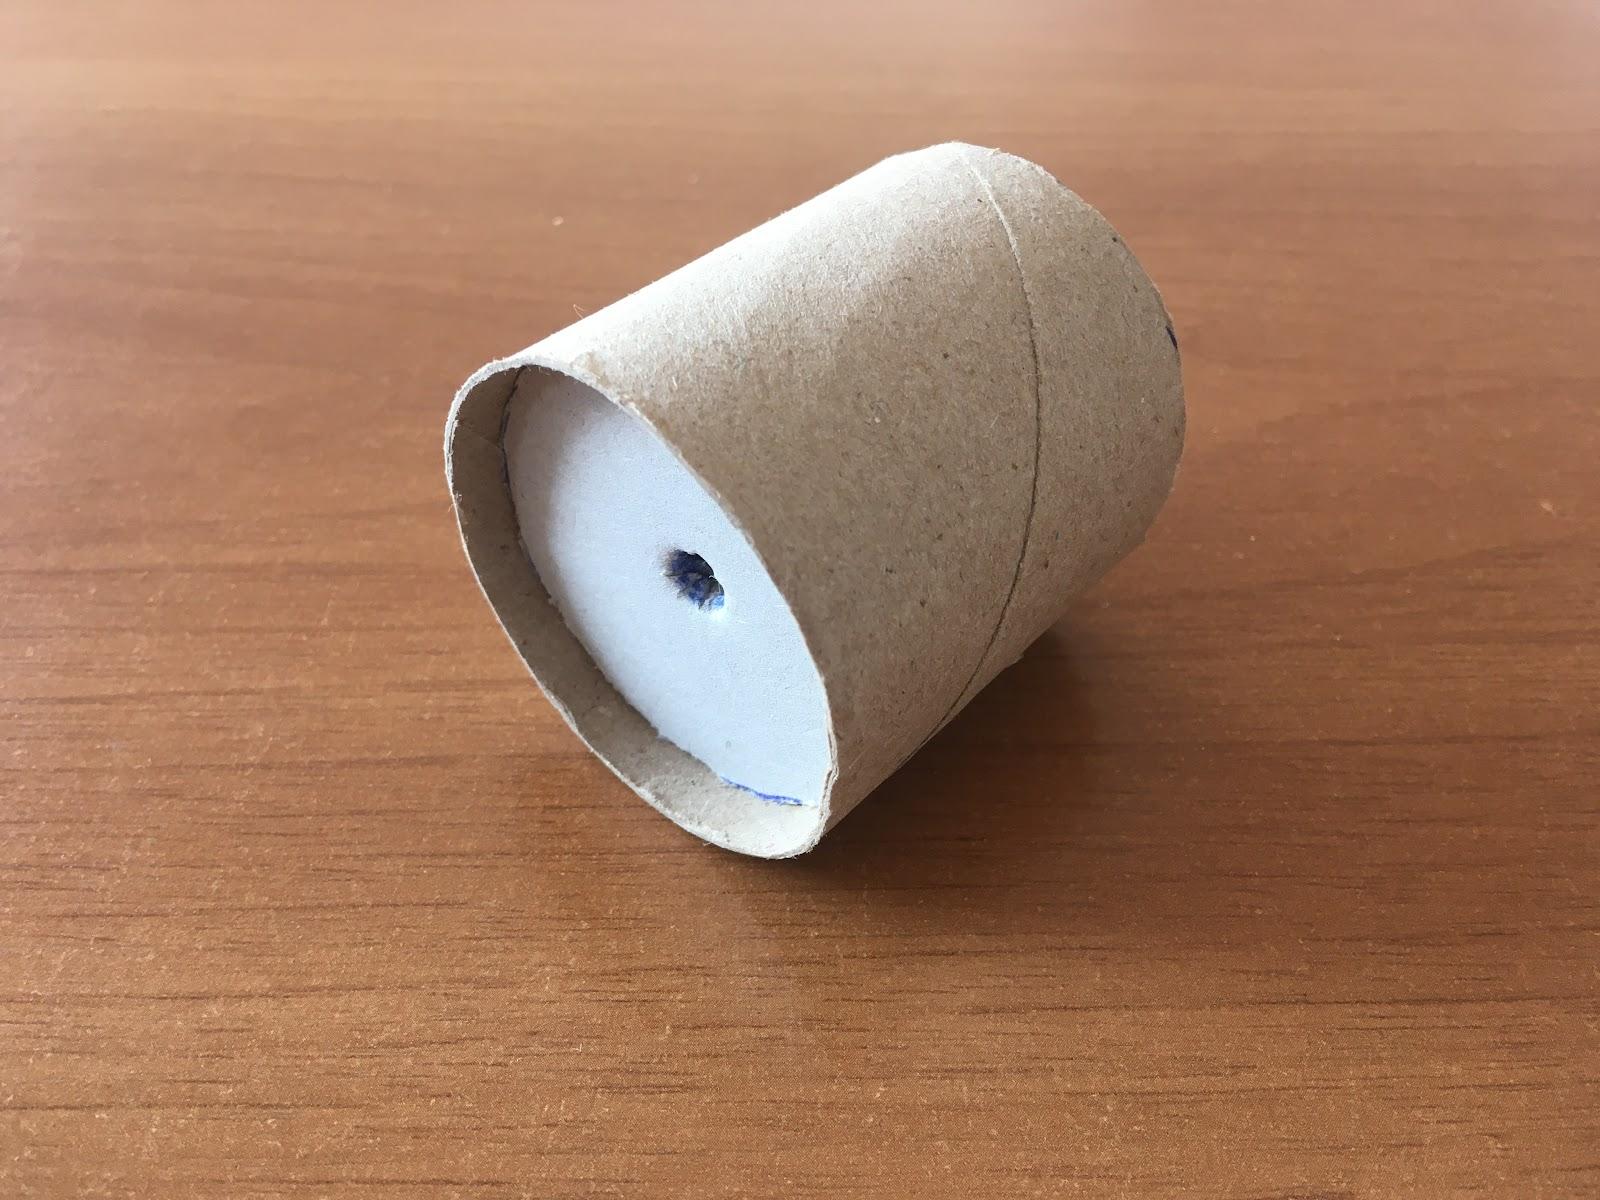 Inserción de las circunferencias dentro de los rollos de cartón cortados.